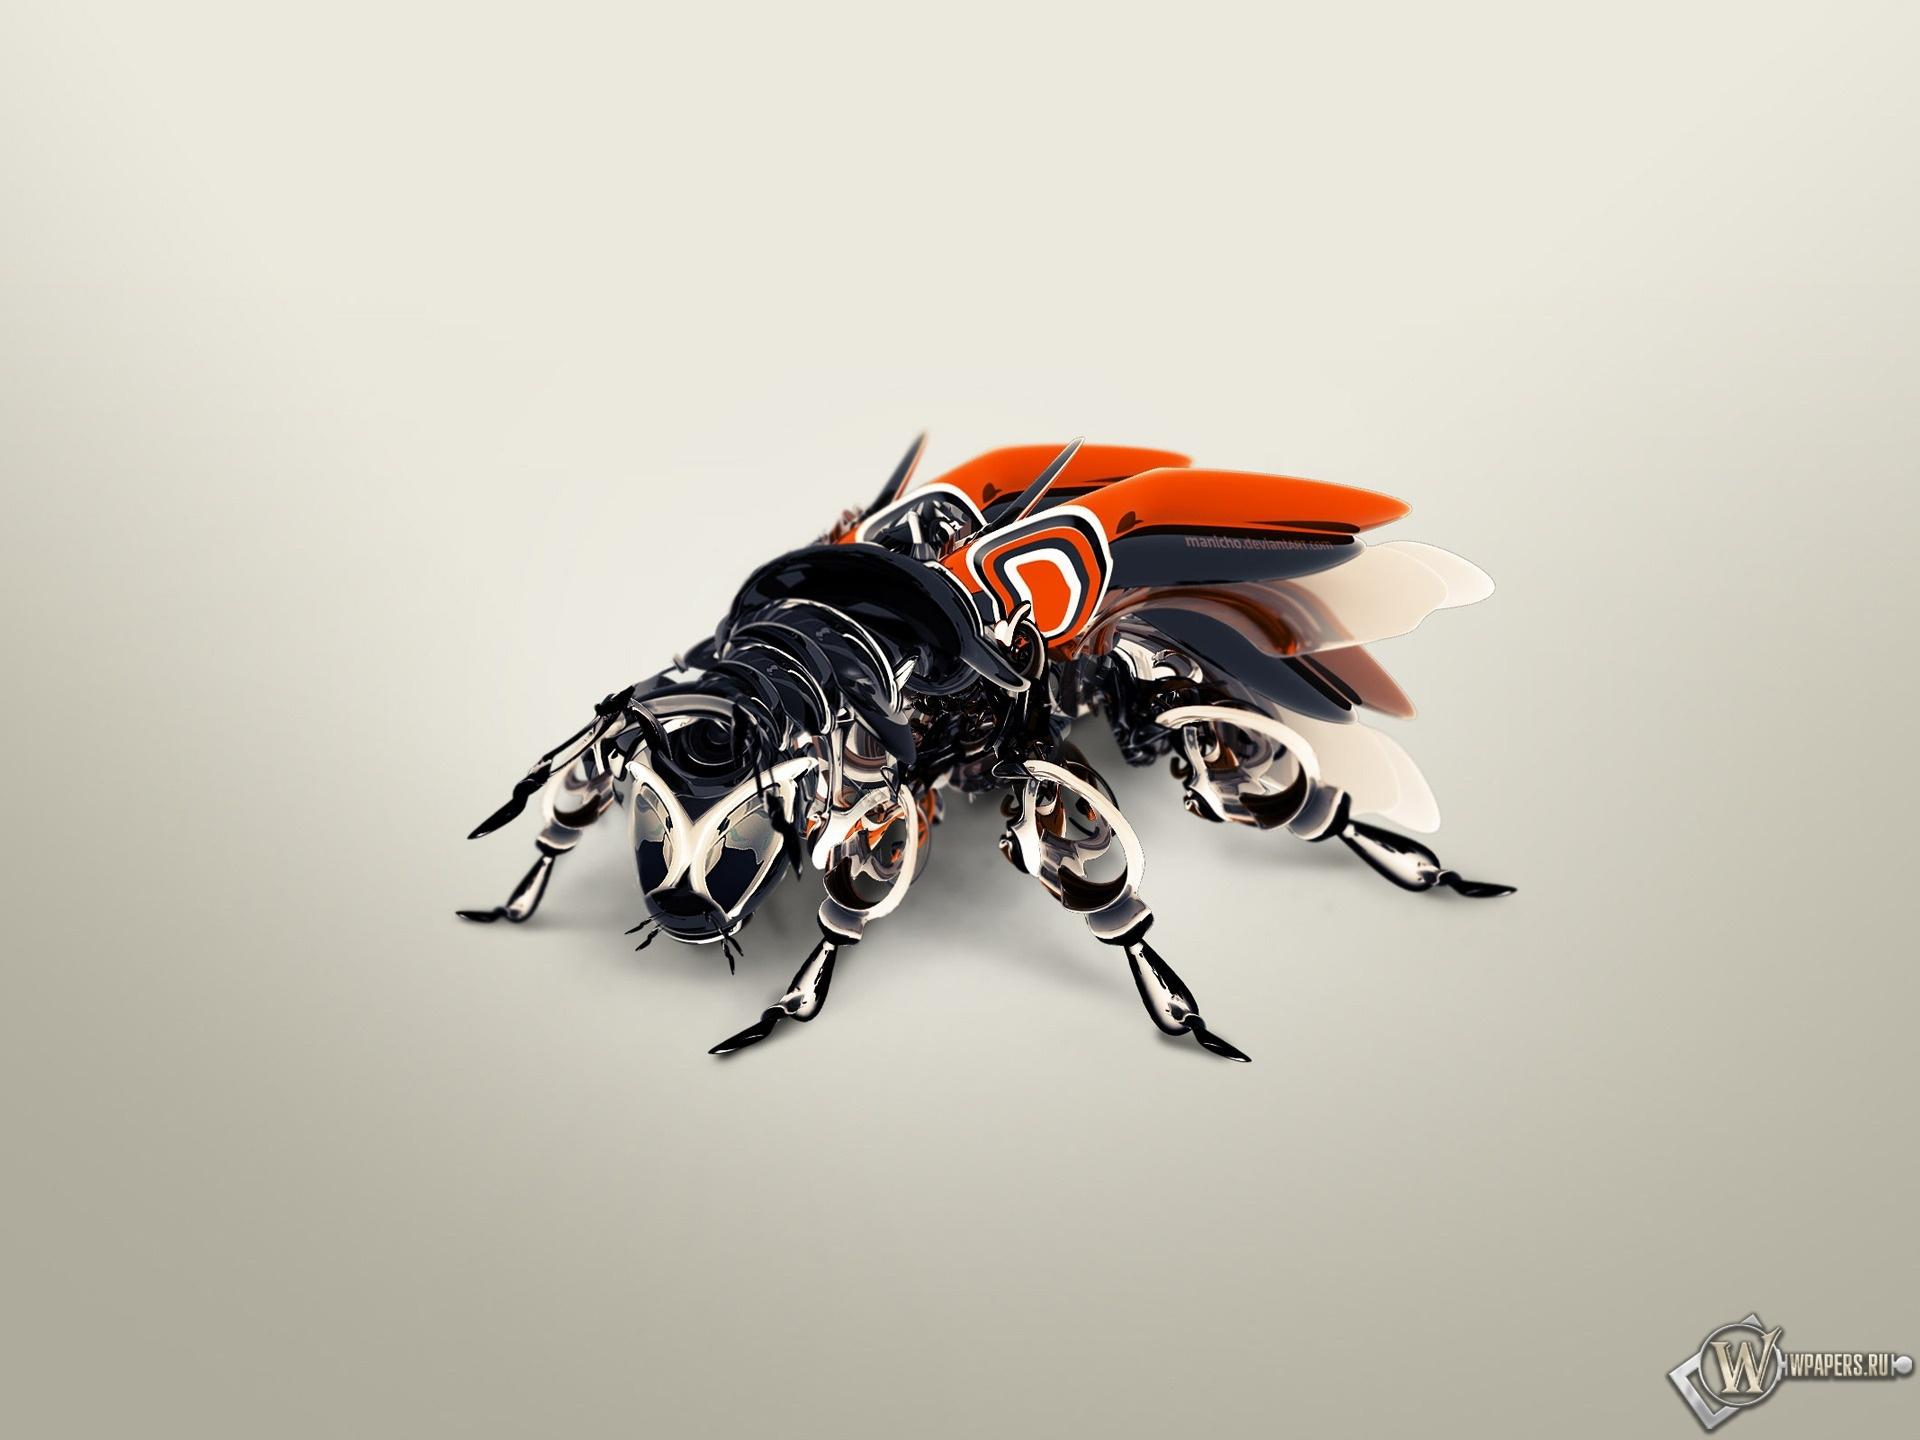 Муха-робот 1920x1440